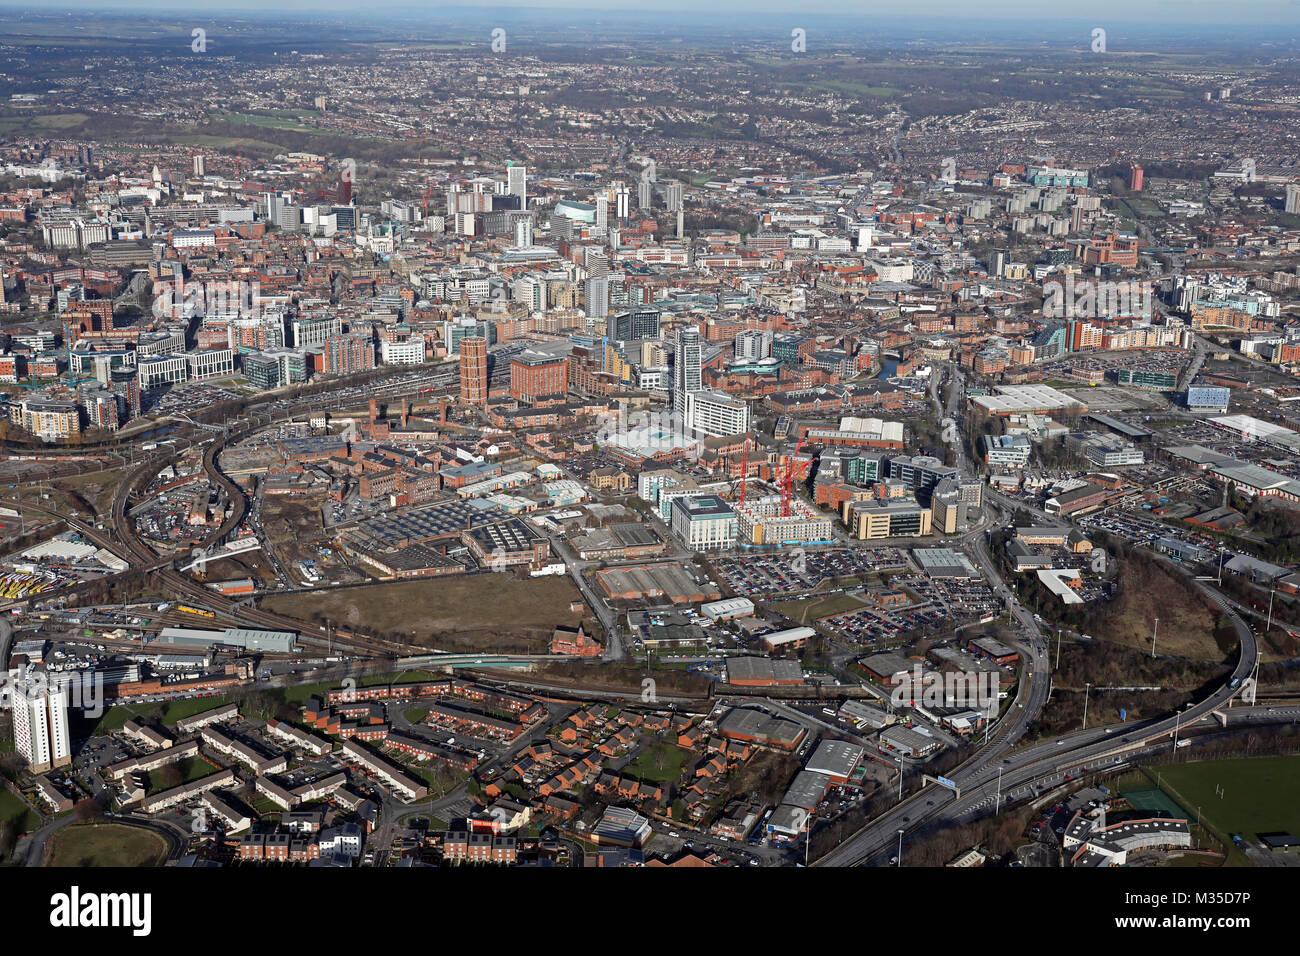 Luftaufnahme von Leeds City Centre Skyline vom South West, UK Stockbild